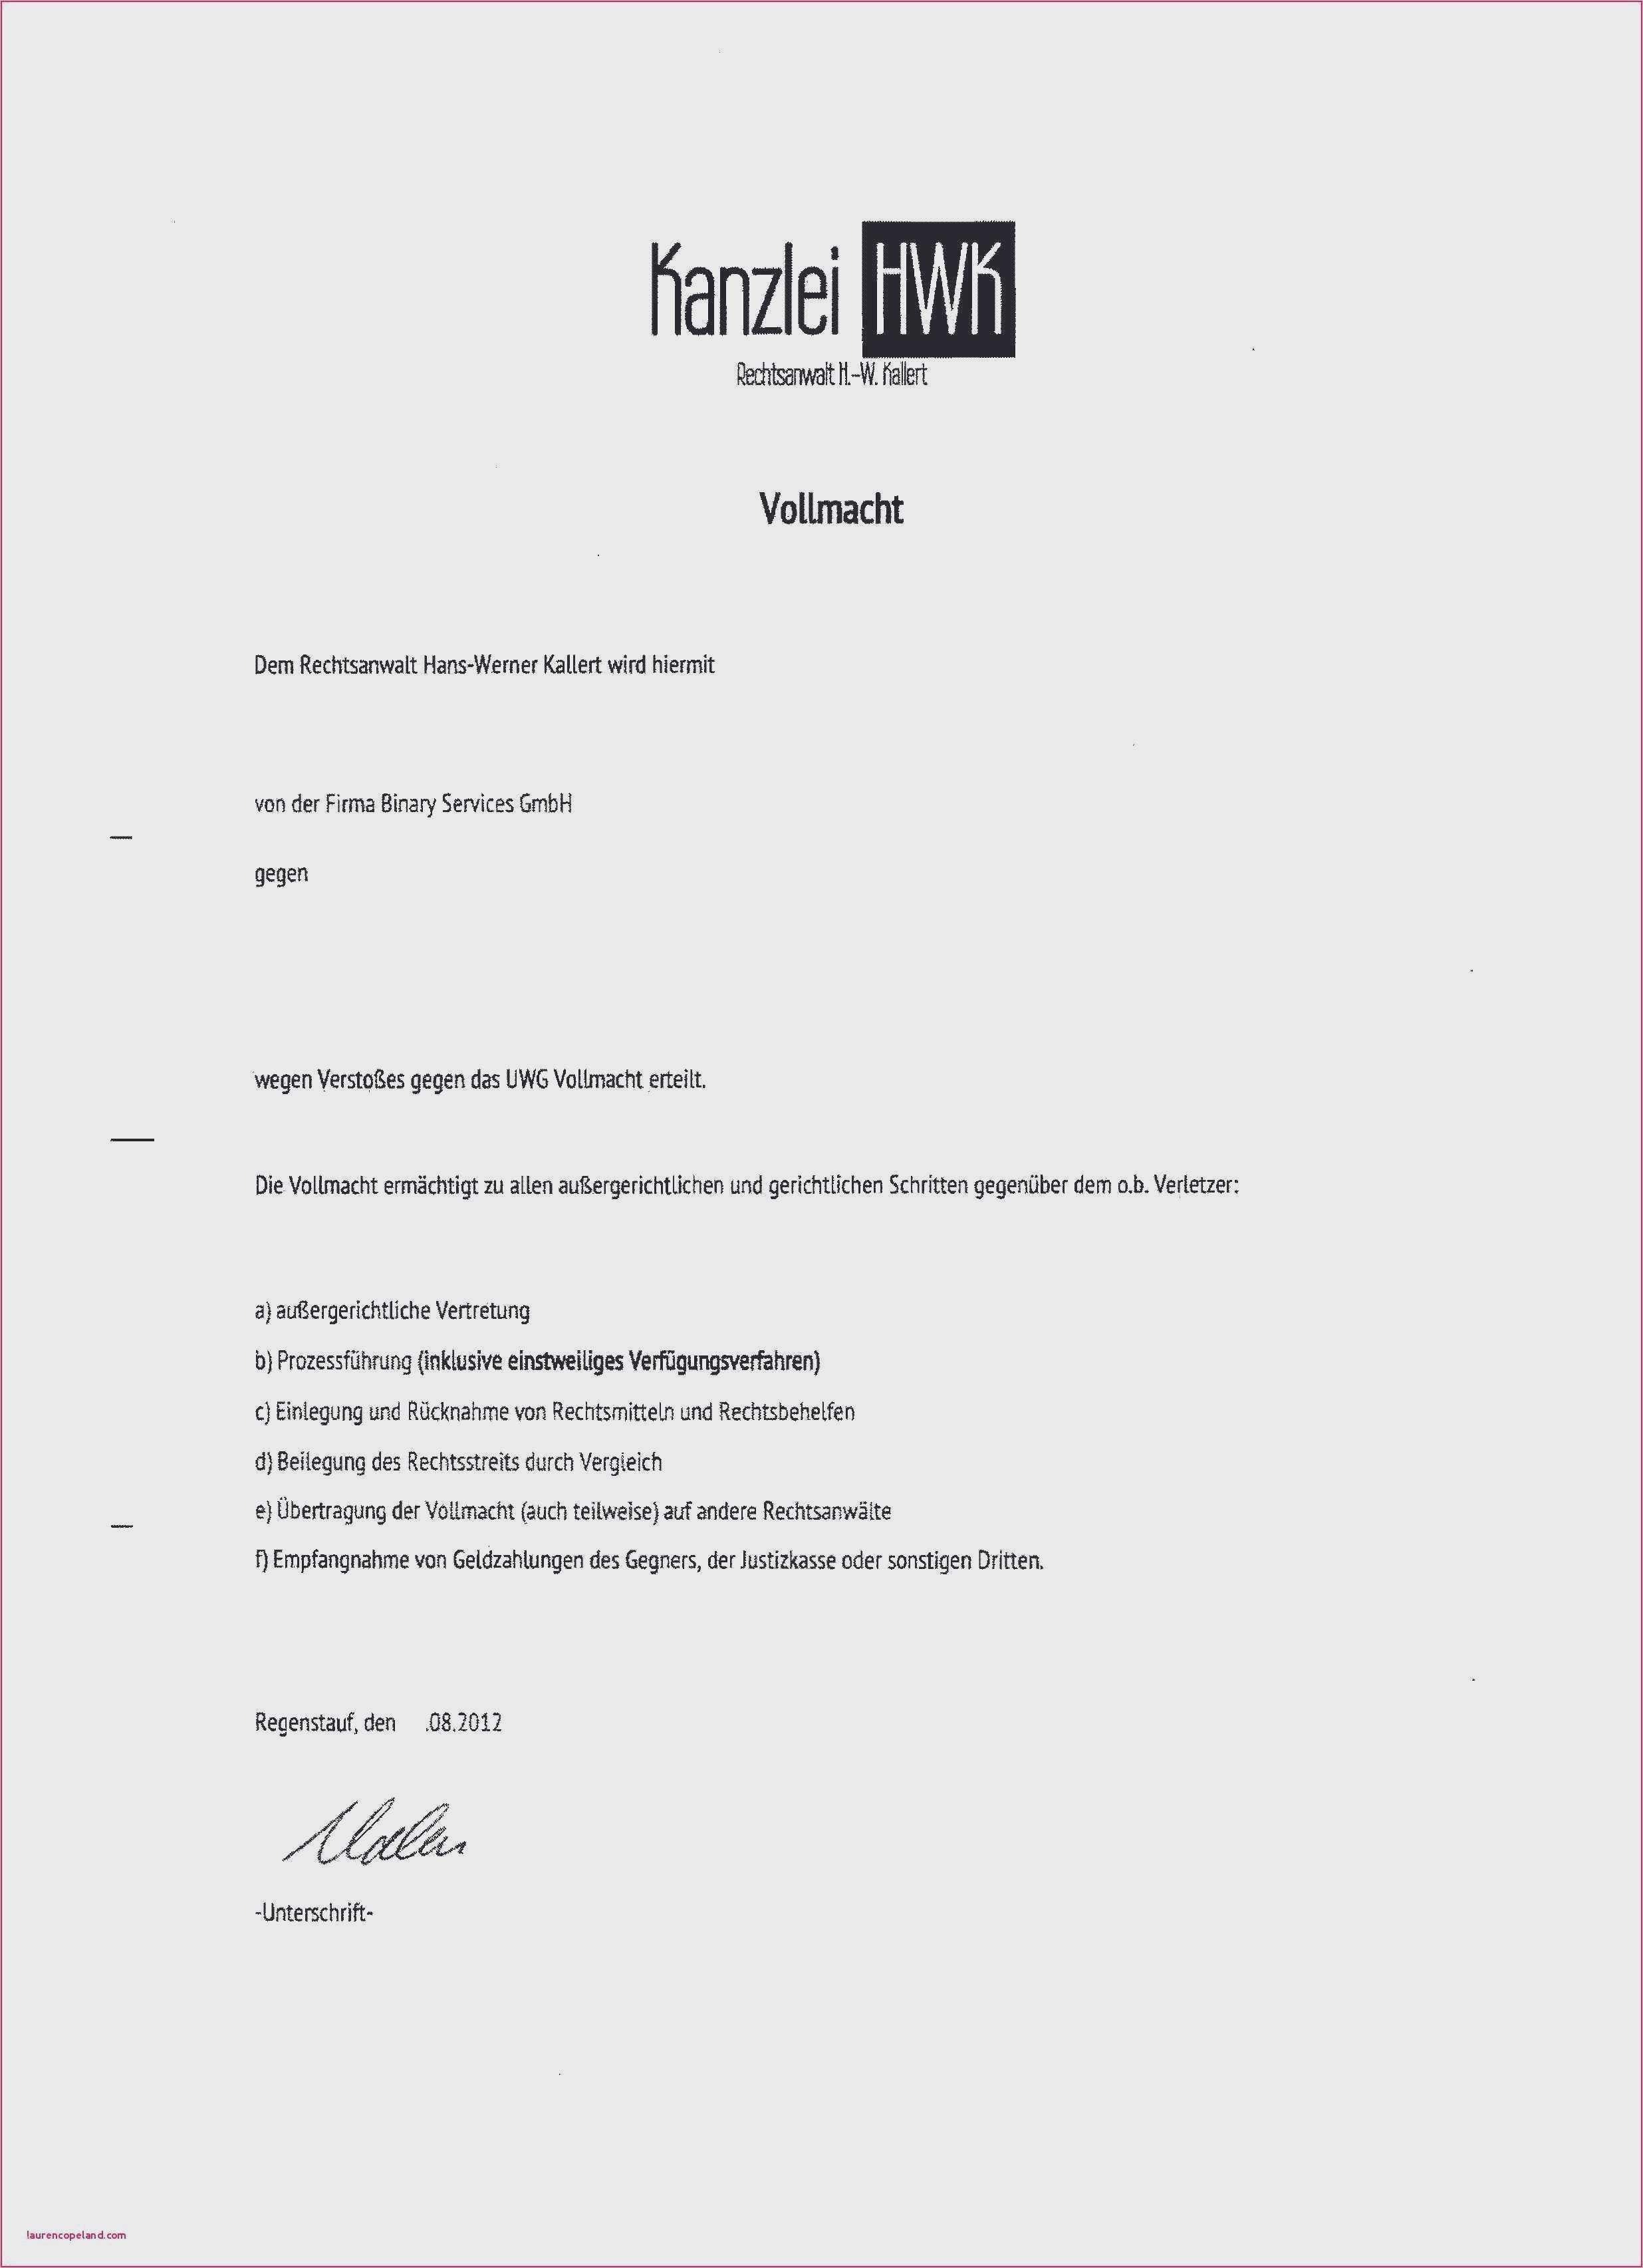 Stromanbieter Kundigen Wegen Umzug Vorlage 43 Luxus Diese Konnen Einstellen Fur Ihre Erstaunl Lebenslauf Briefkopf Vorlage Vorlagen